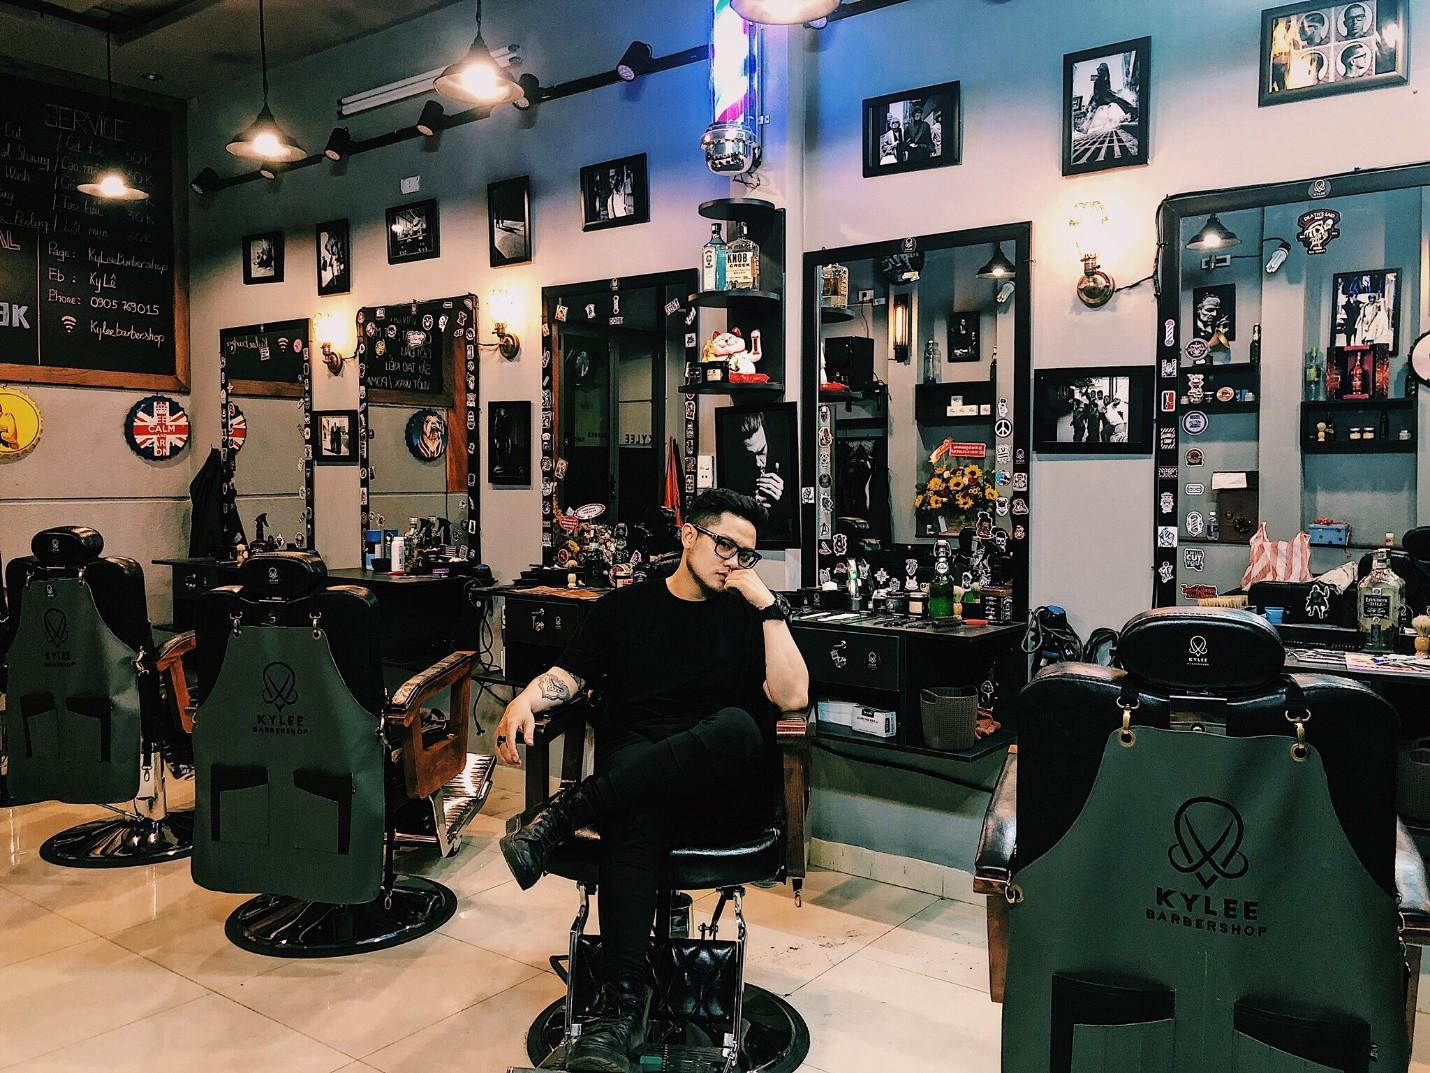 """Ky Lee Barber shop – Tiệm cắt tóc """"cực chất"""" dành cho các quý ông - Ảnh 3."""